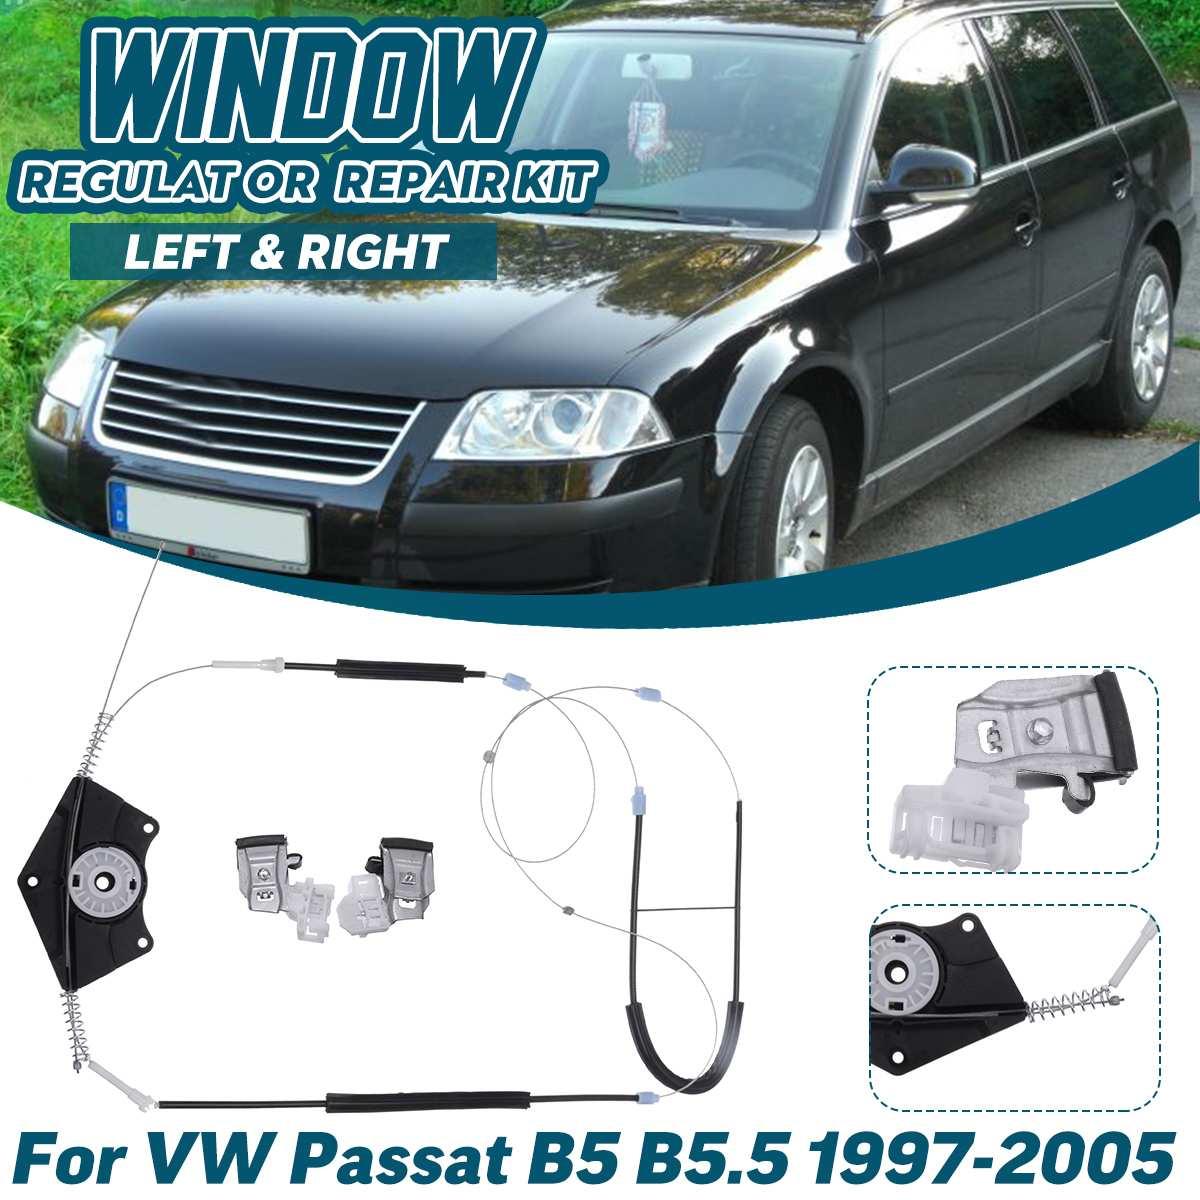 Left Right Car Window Regulator Repair Kit For Volkswagen For VW Passat B5 B5.5 1997 1998 1999 2000 2001 2002 2003 2004 2005